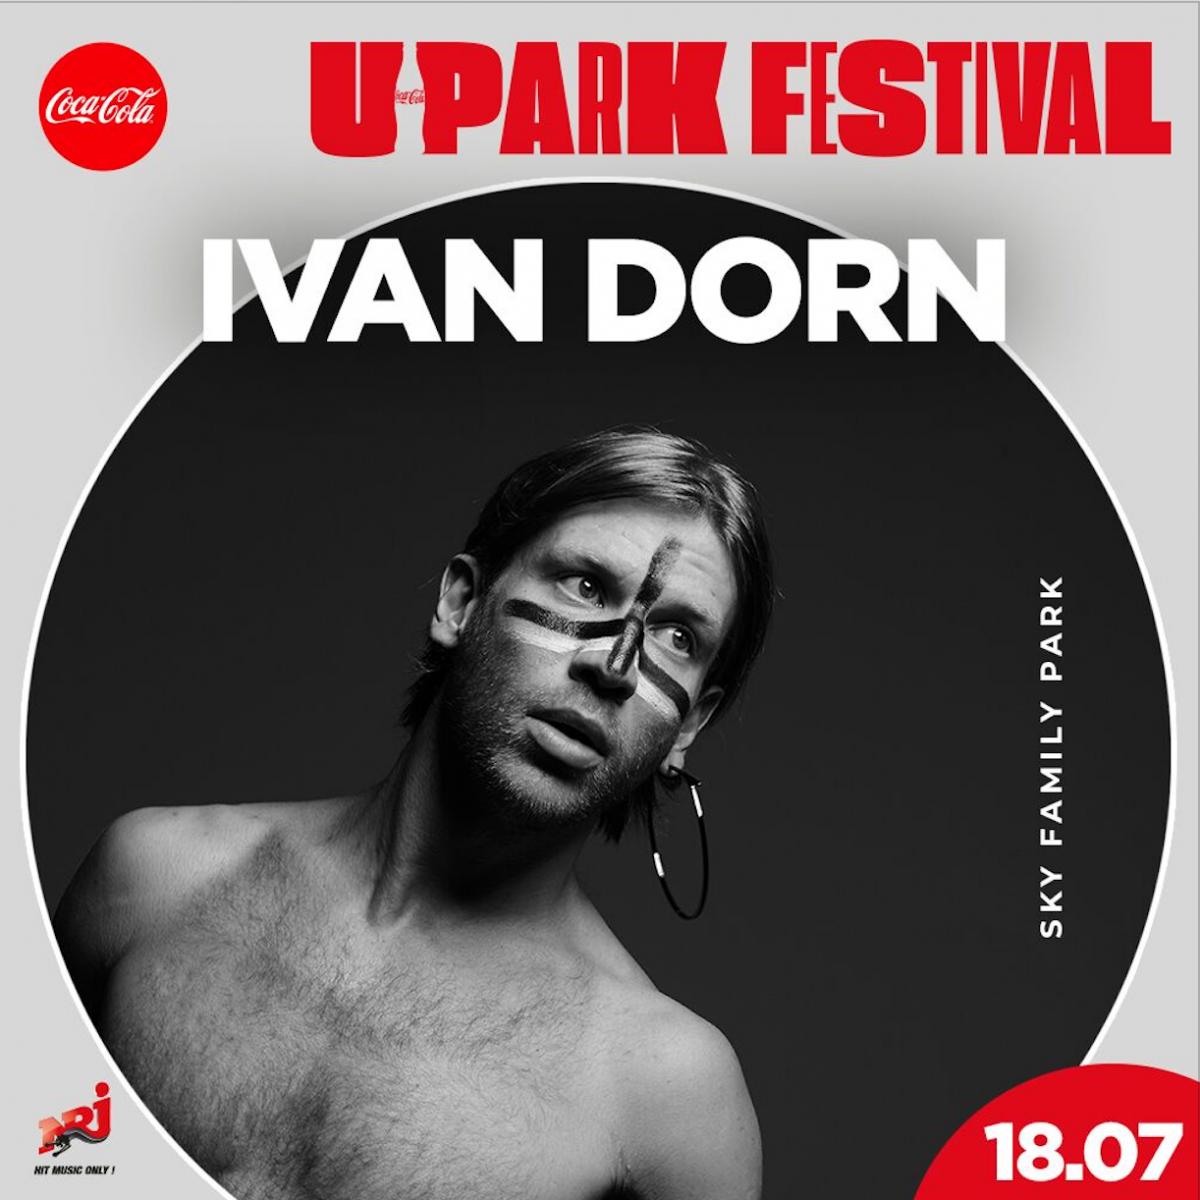 Дорн стане учасником третього дня фестивалю / фото: UPark Festival